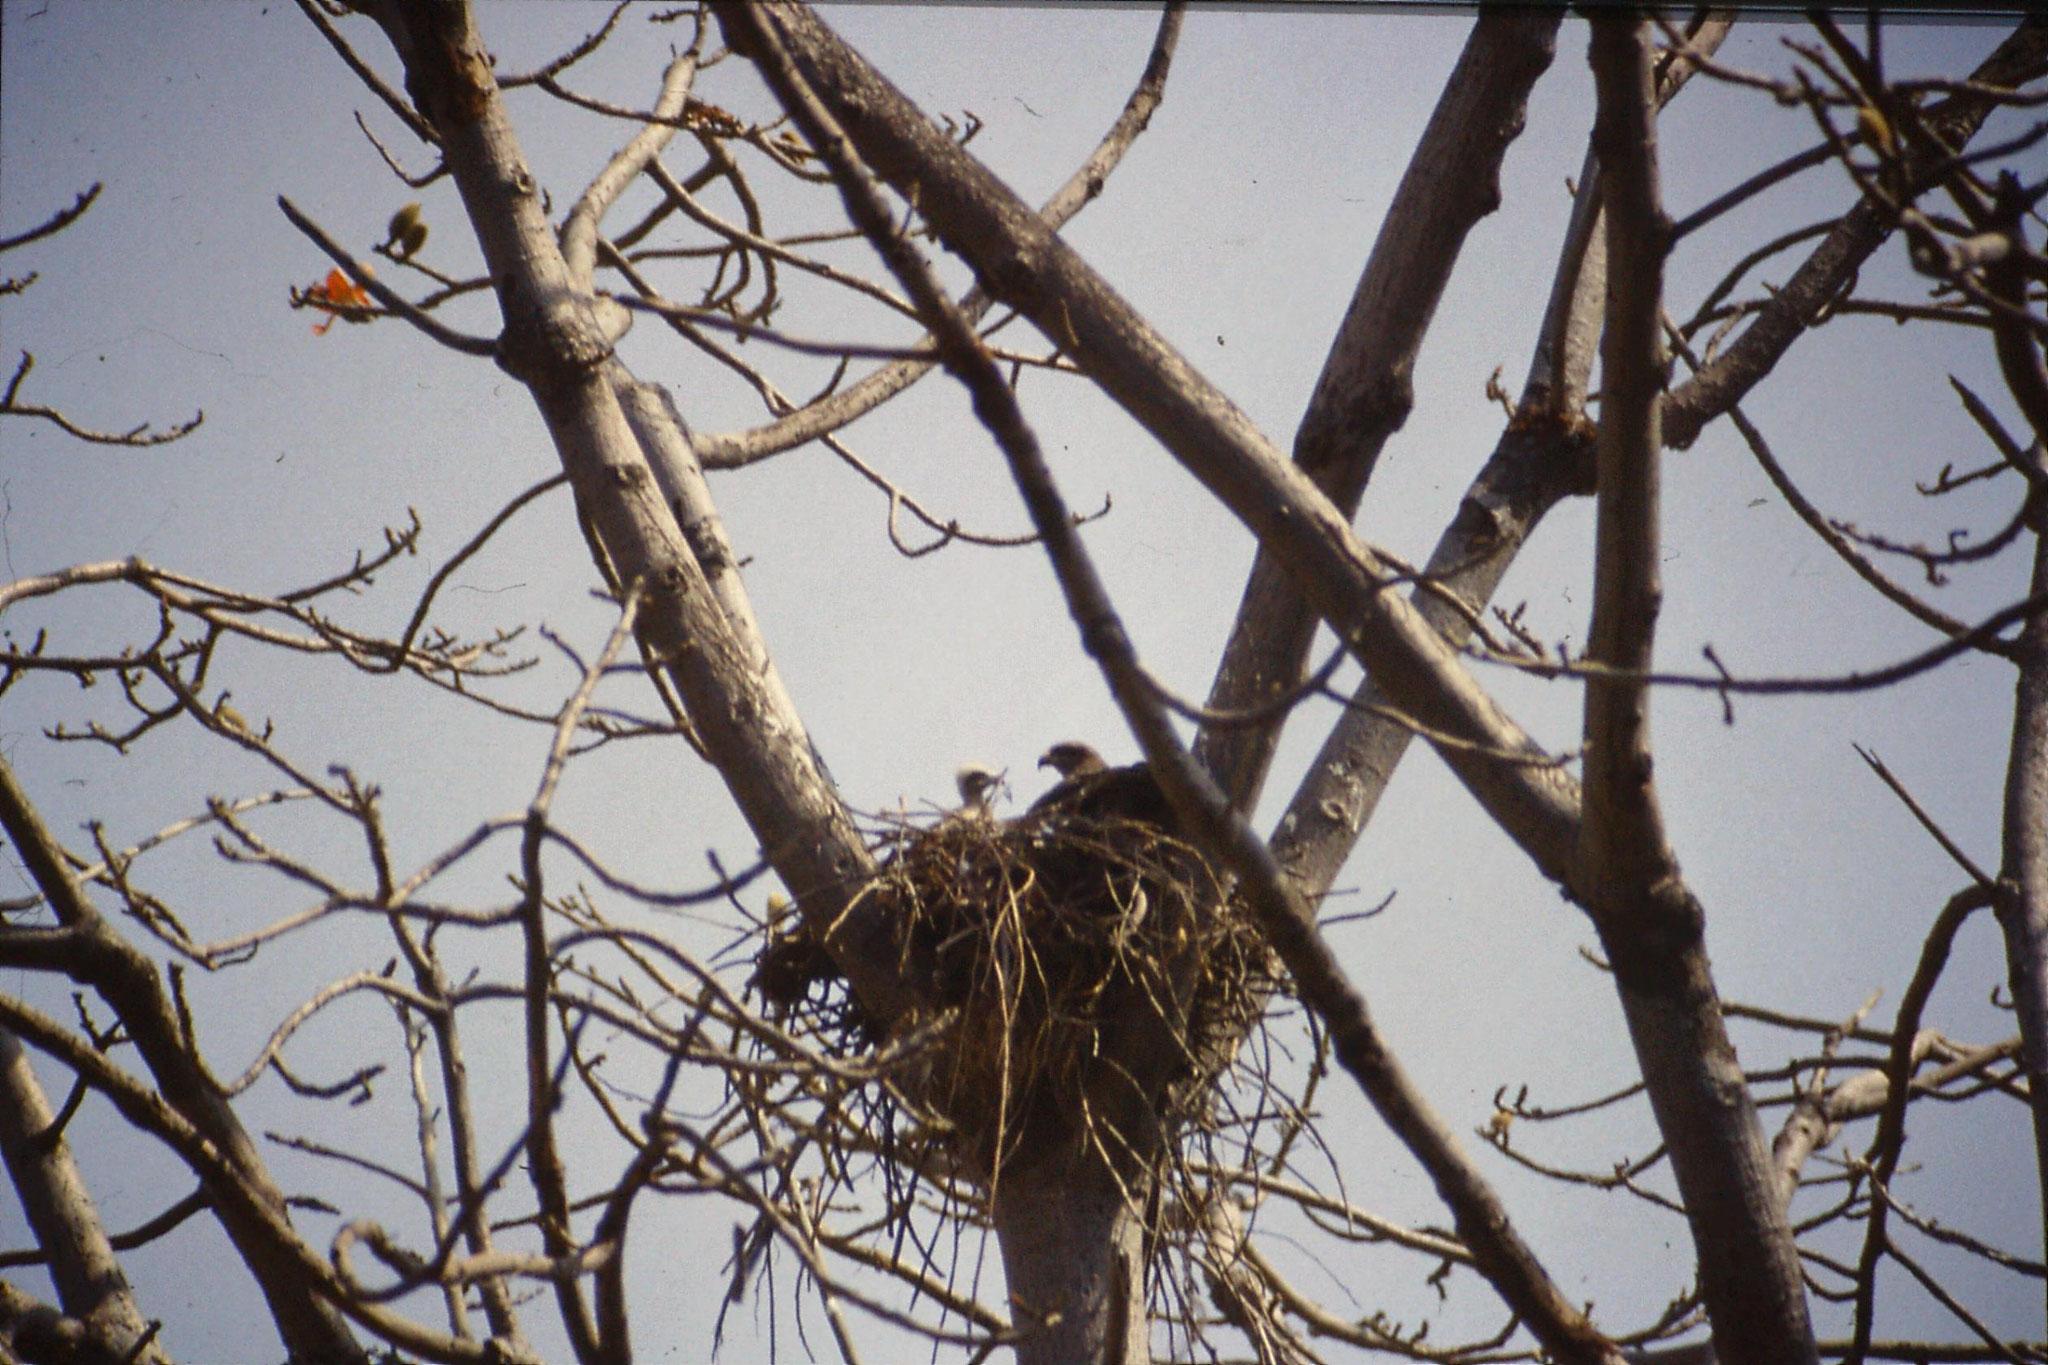 108/36: 25/3/1990 Delhi - kite's nest